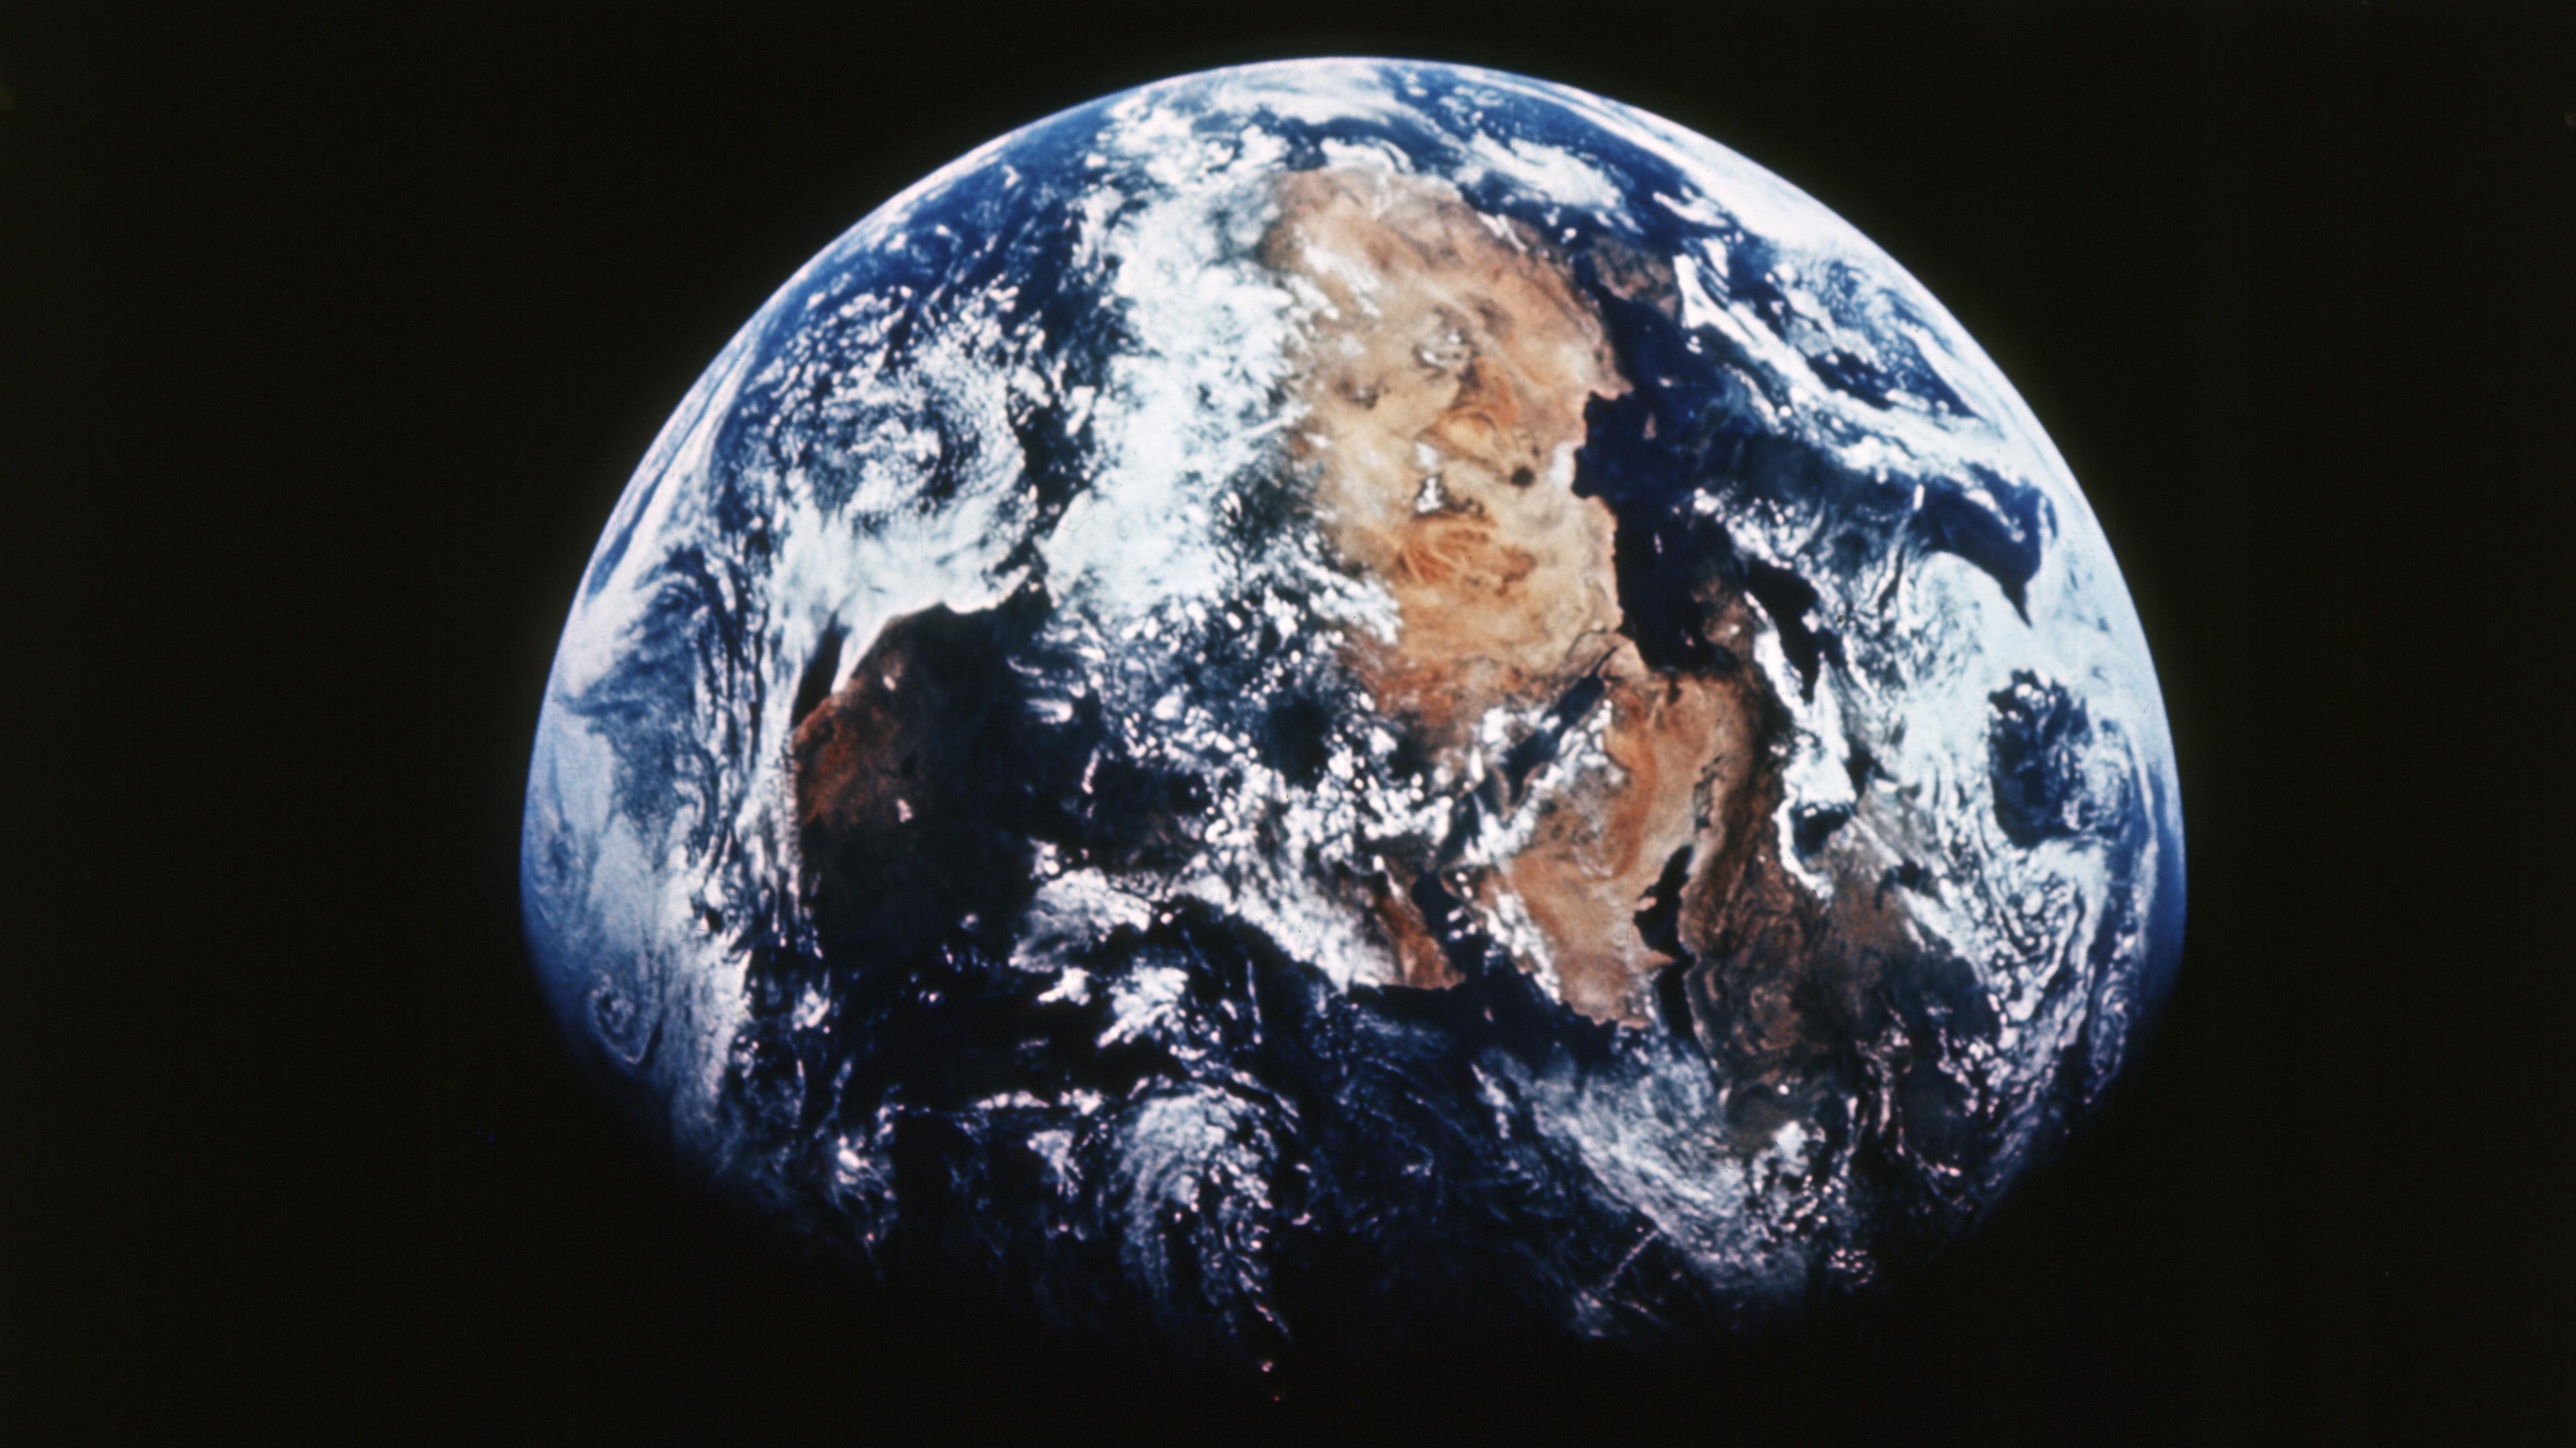 Die Erde - von Mondmission Apollo 8 an Weihnachten 1968 aus gesehen